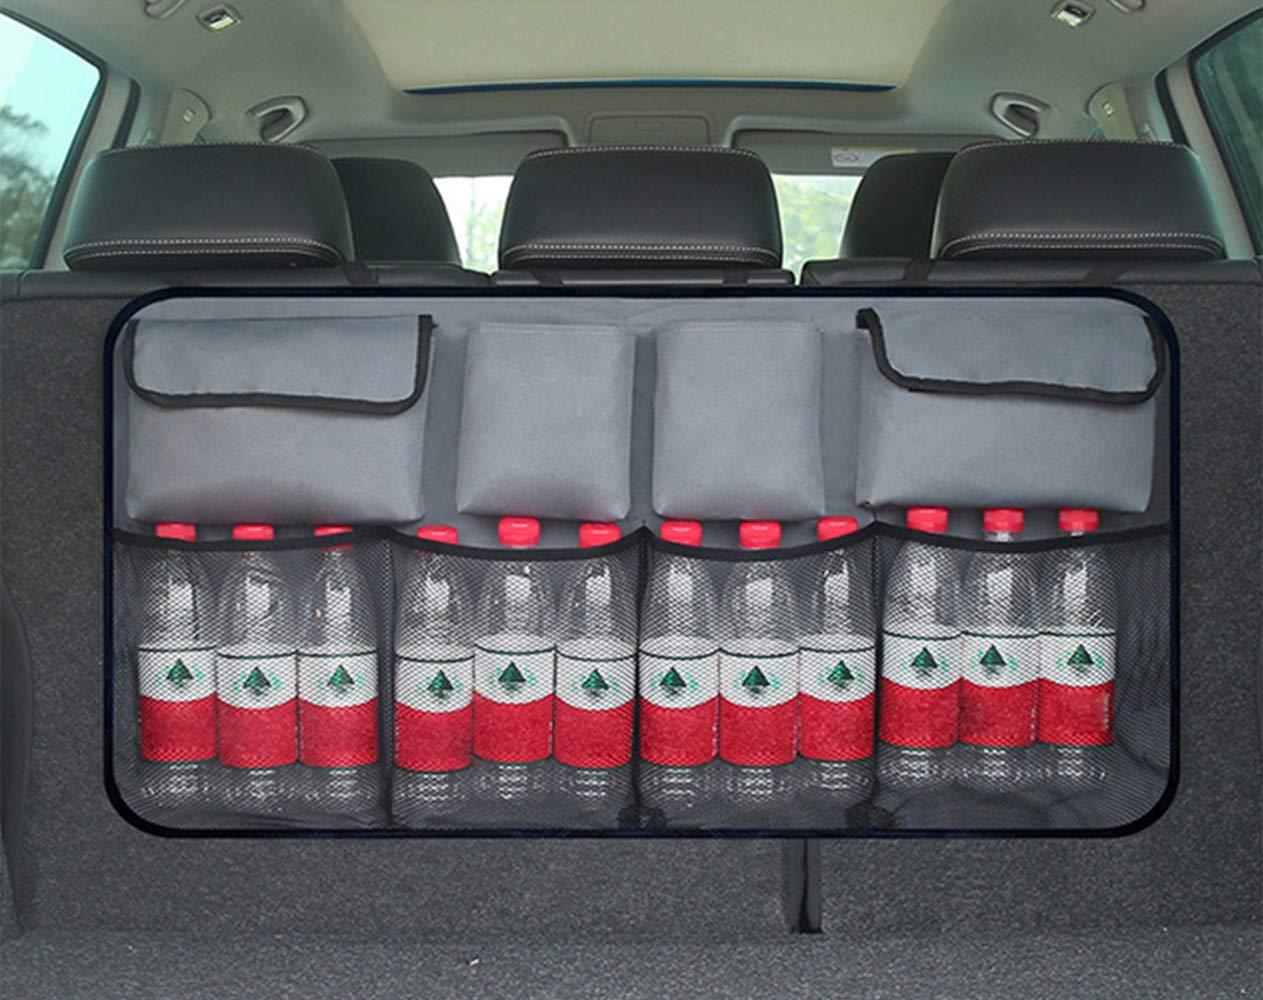 Dunkelblau Kofferraum R/ücksitz Aufbewahrungsbeutel der faltende Taschen aufr/äumt